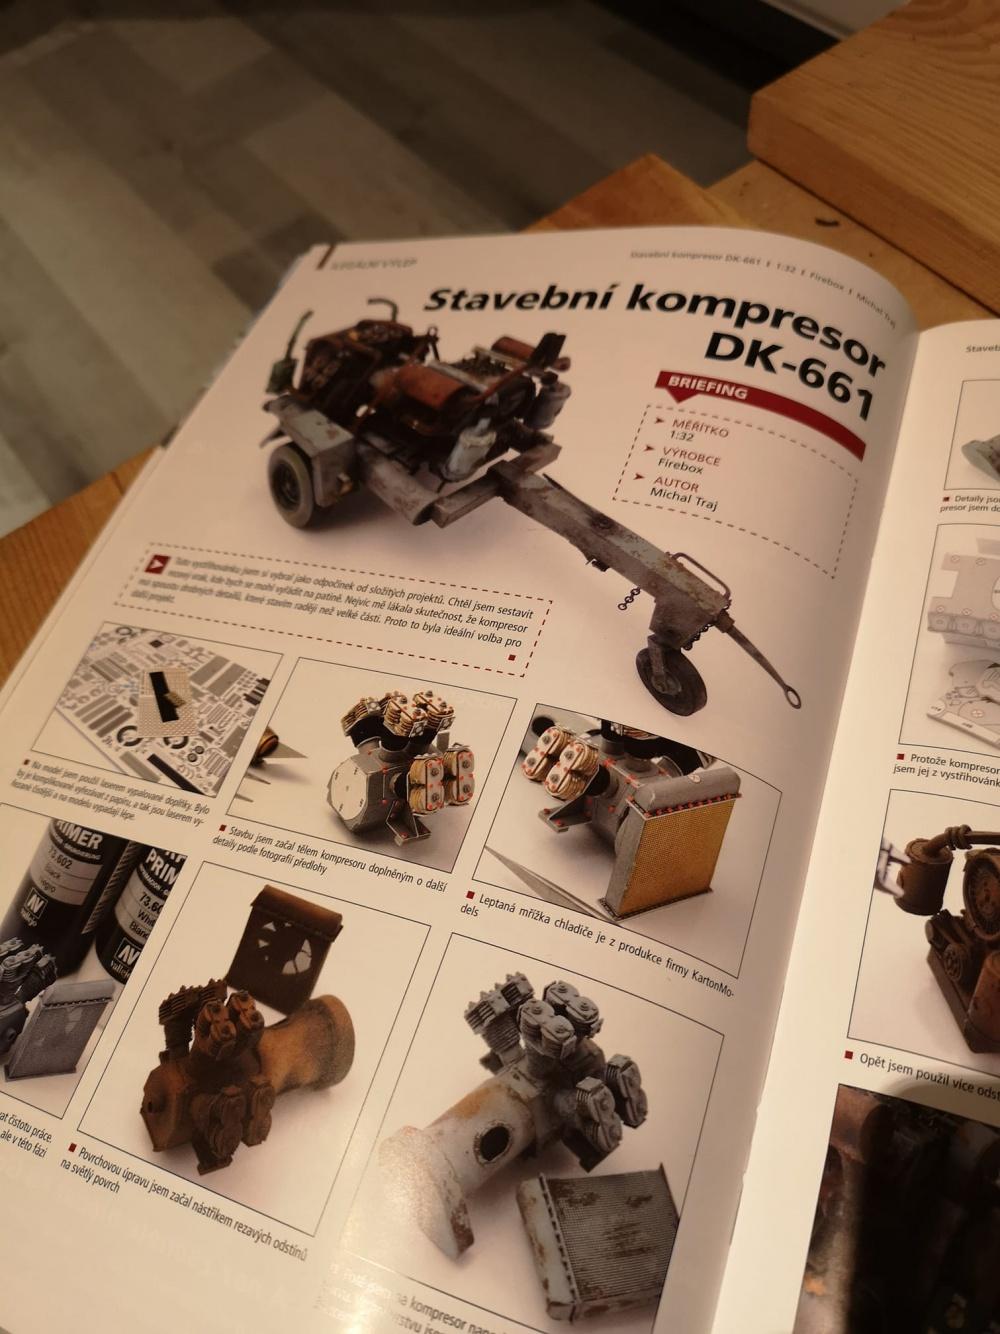 Compressor DK-661